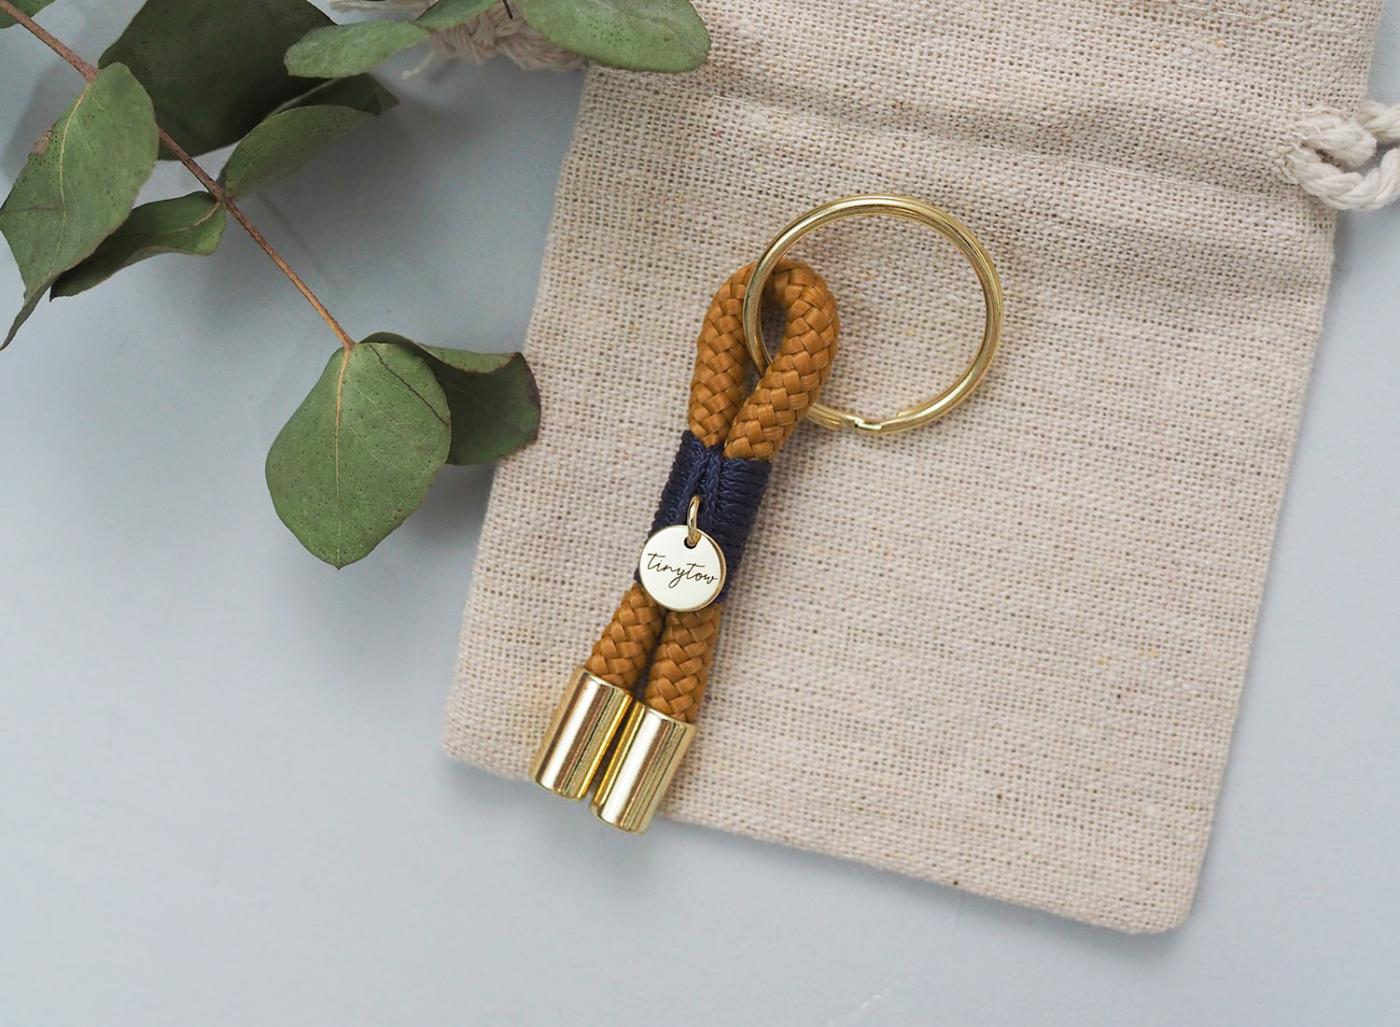 Schlüsselanhänger im Mini-Format aus Tauwerk in camel, blau mit goldfarbenen Details. Liebevoll verpackt und mit größter Sorgfalt hergestellt.